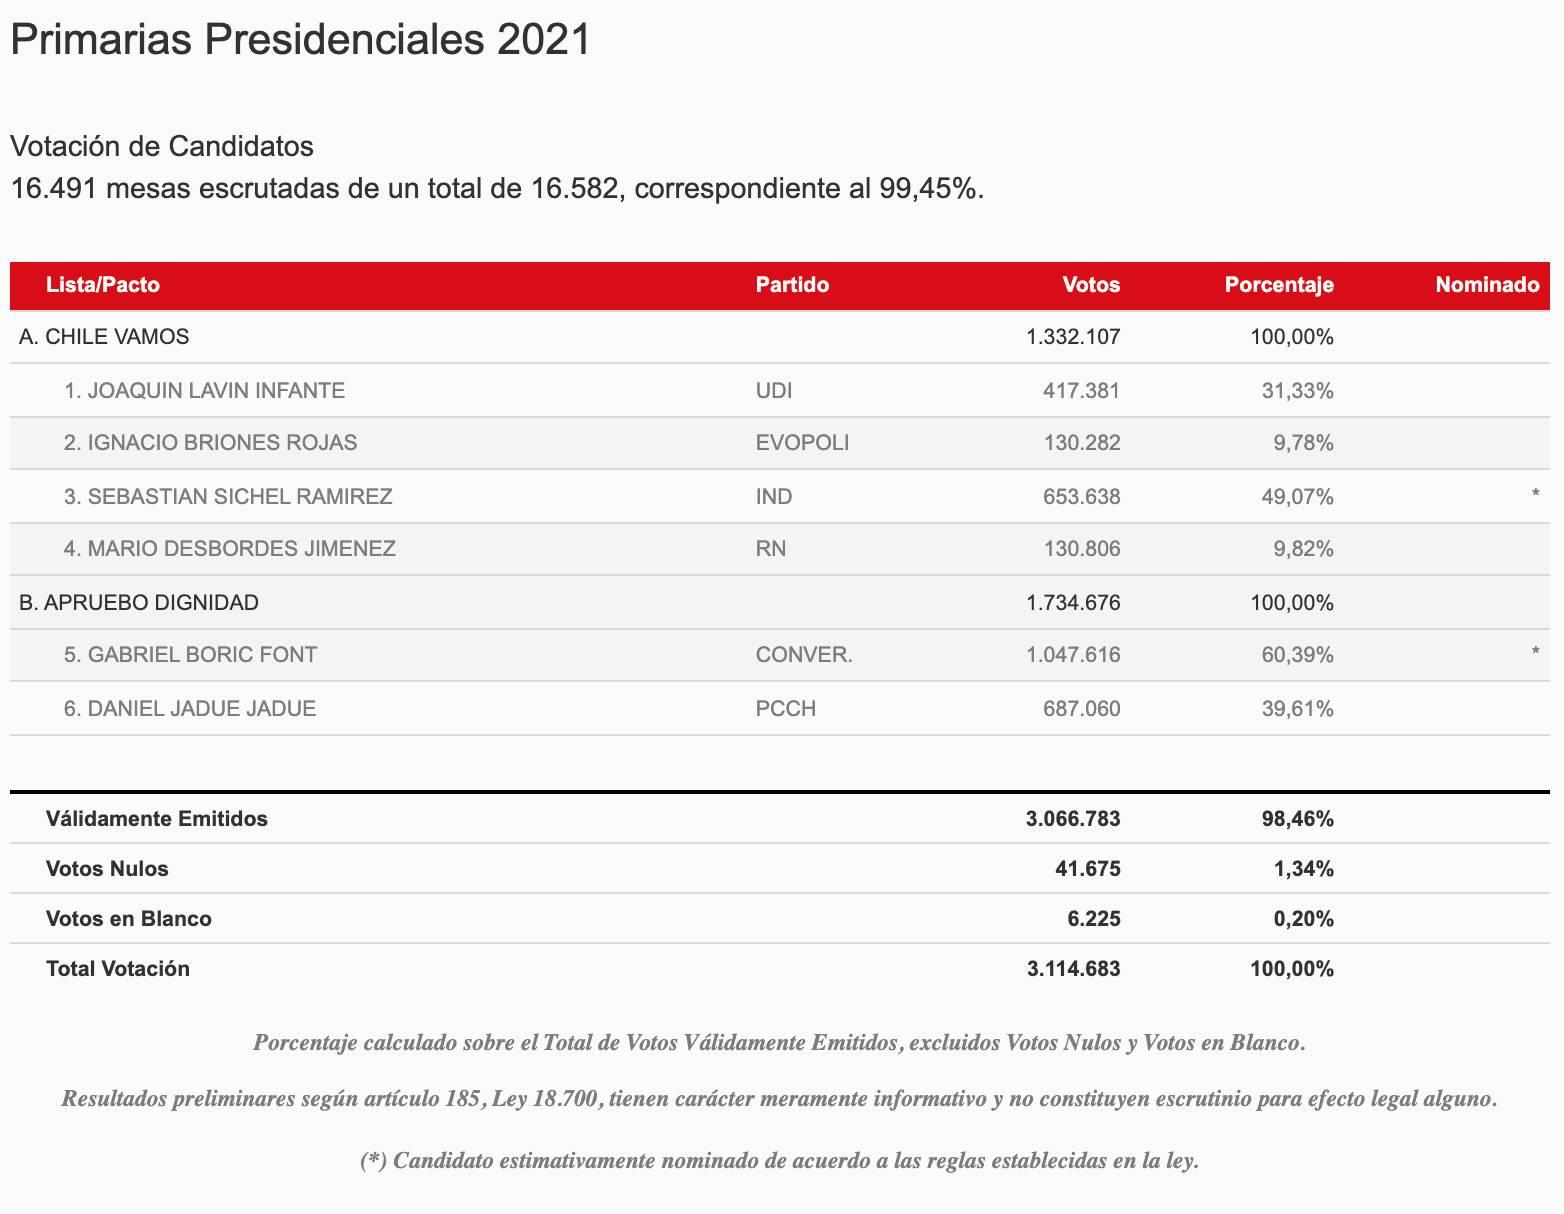 Cuánta Gente Votó Por Apruebo Dignidad Y Chile Vamos Primarias